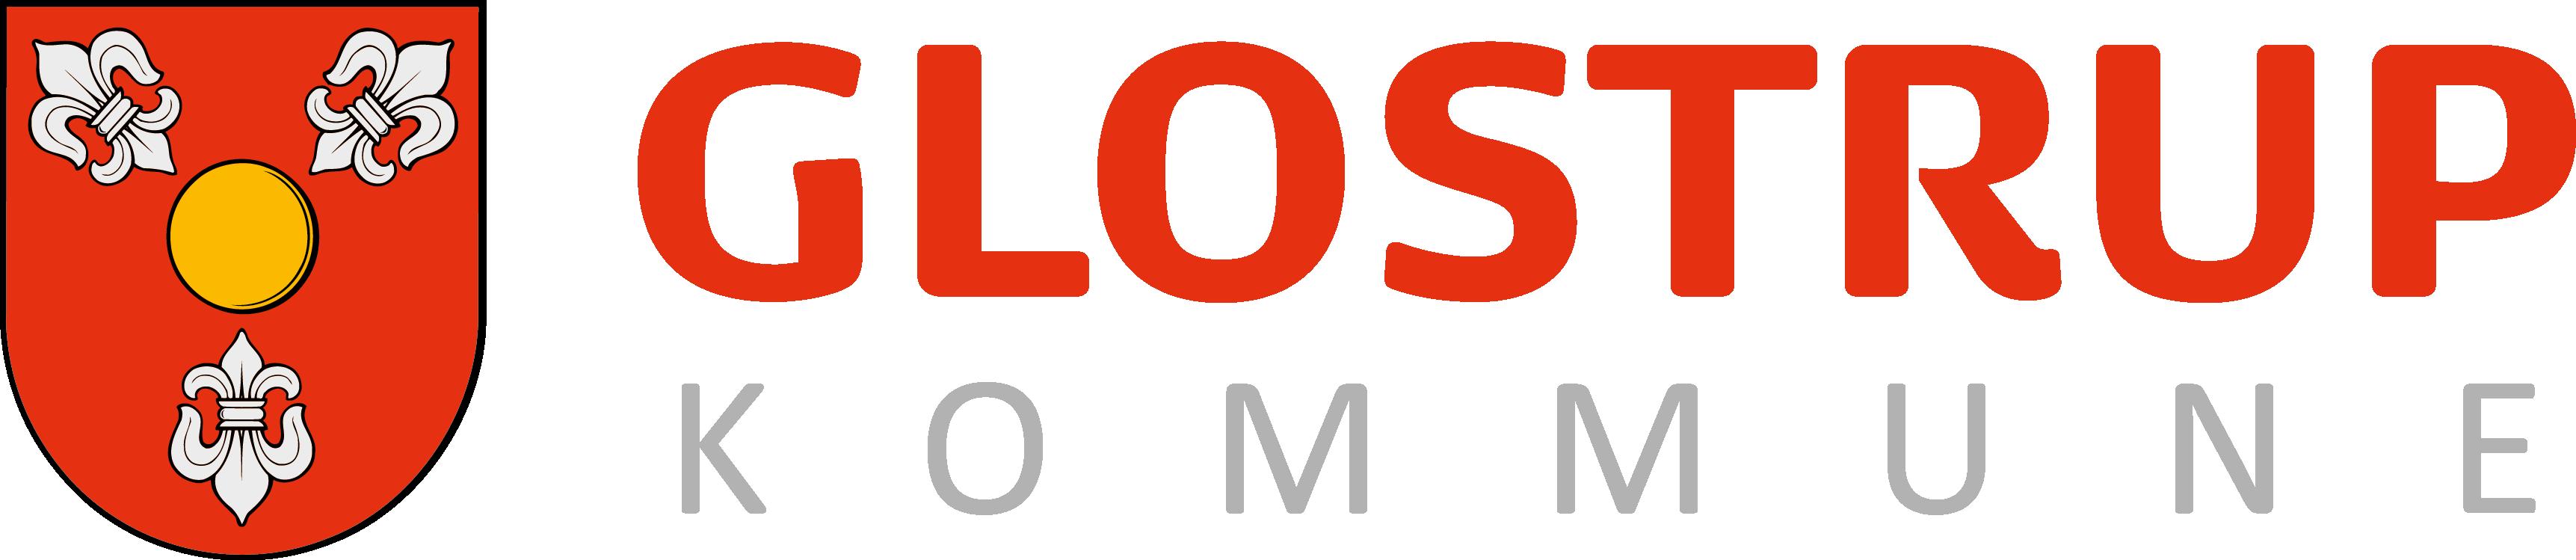 Glostrup Kommune våbenskjold